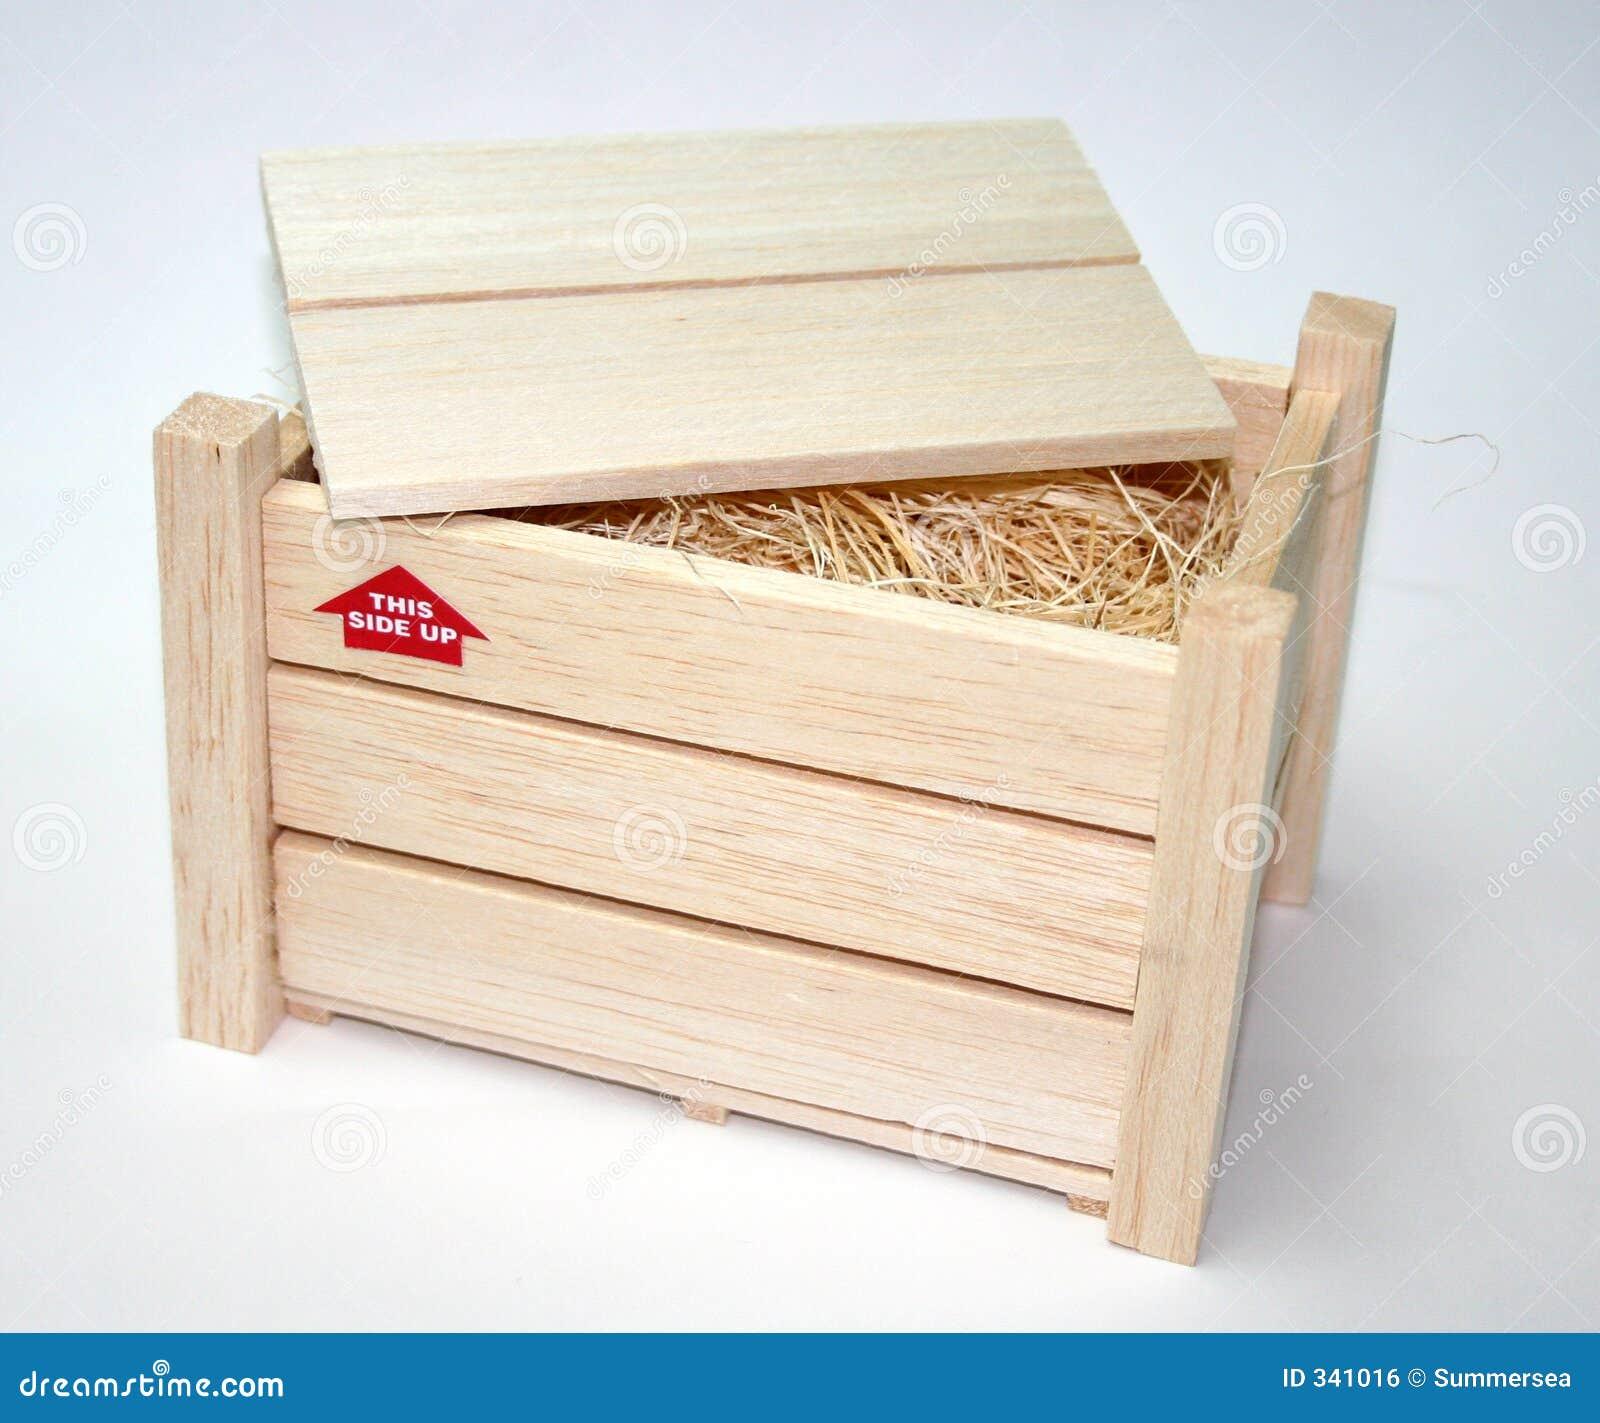 caisse en bois image libre de droits image 341016. Black Bedroom Furniture Sets. Home Design Ideas